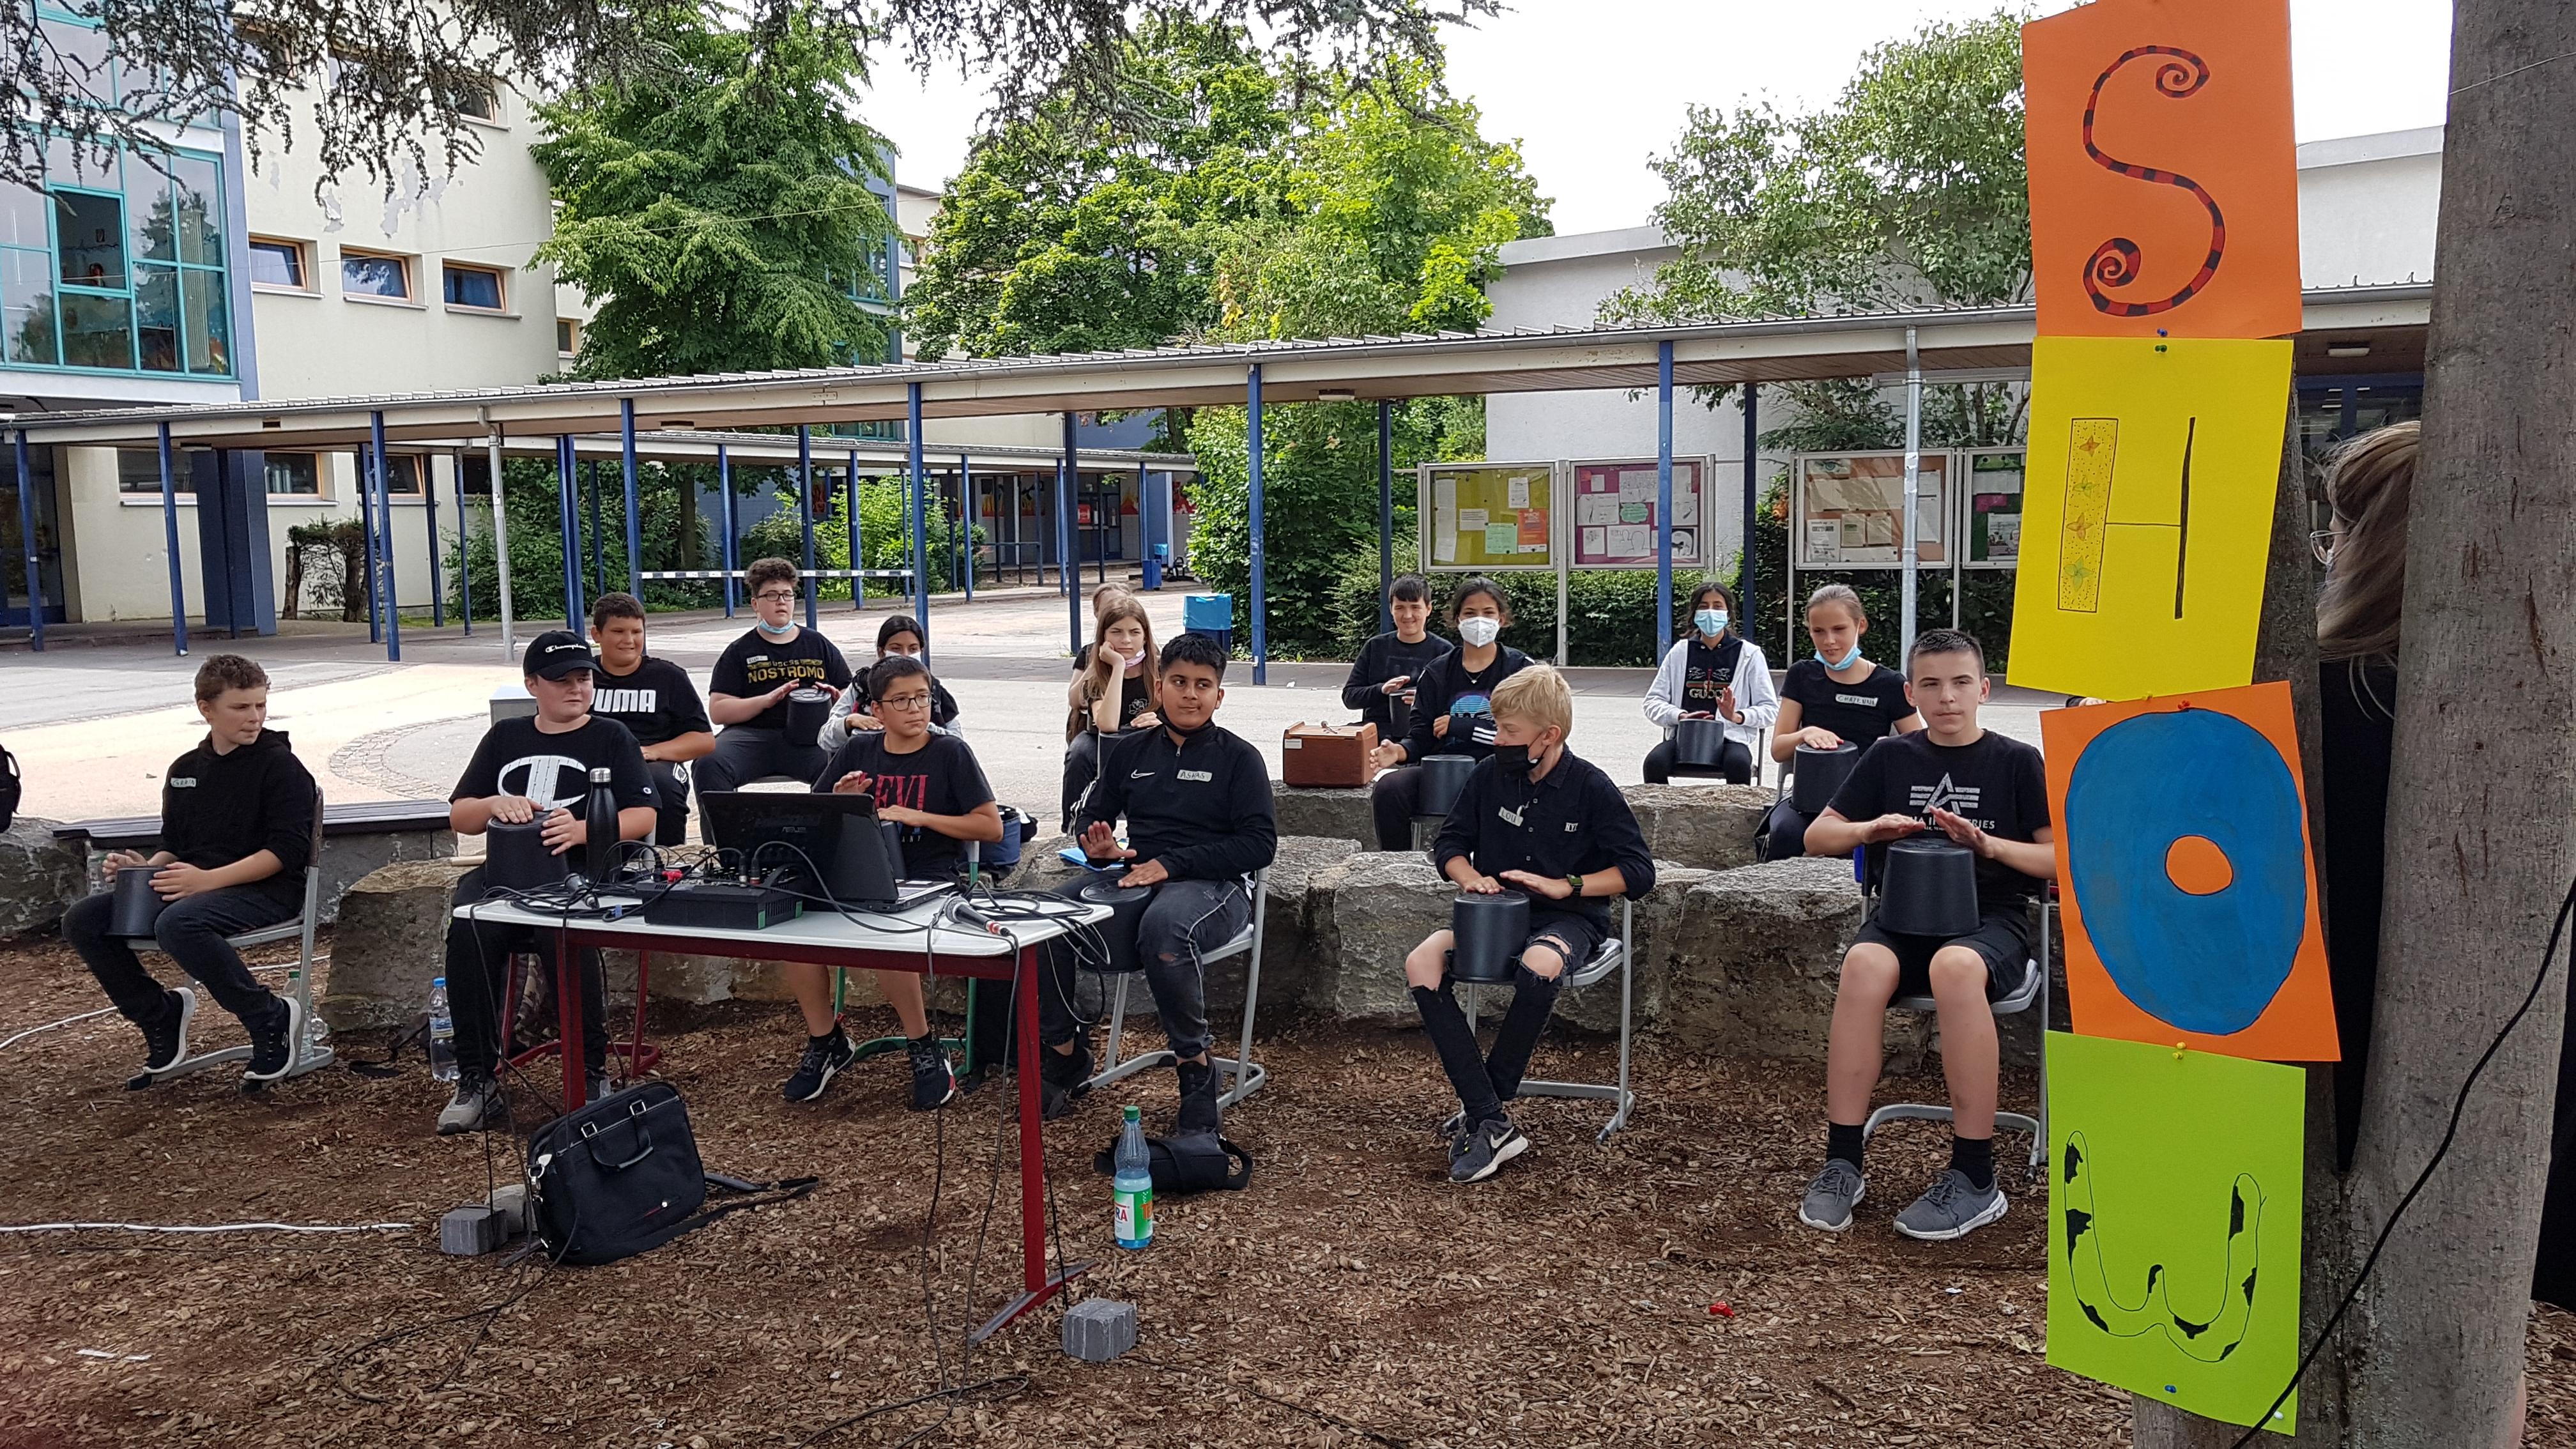 Gruppe von Jugendlichen sitzen auf Stühlen und trommeln mit den Händen auf Eimern